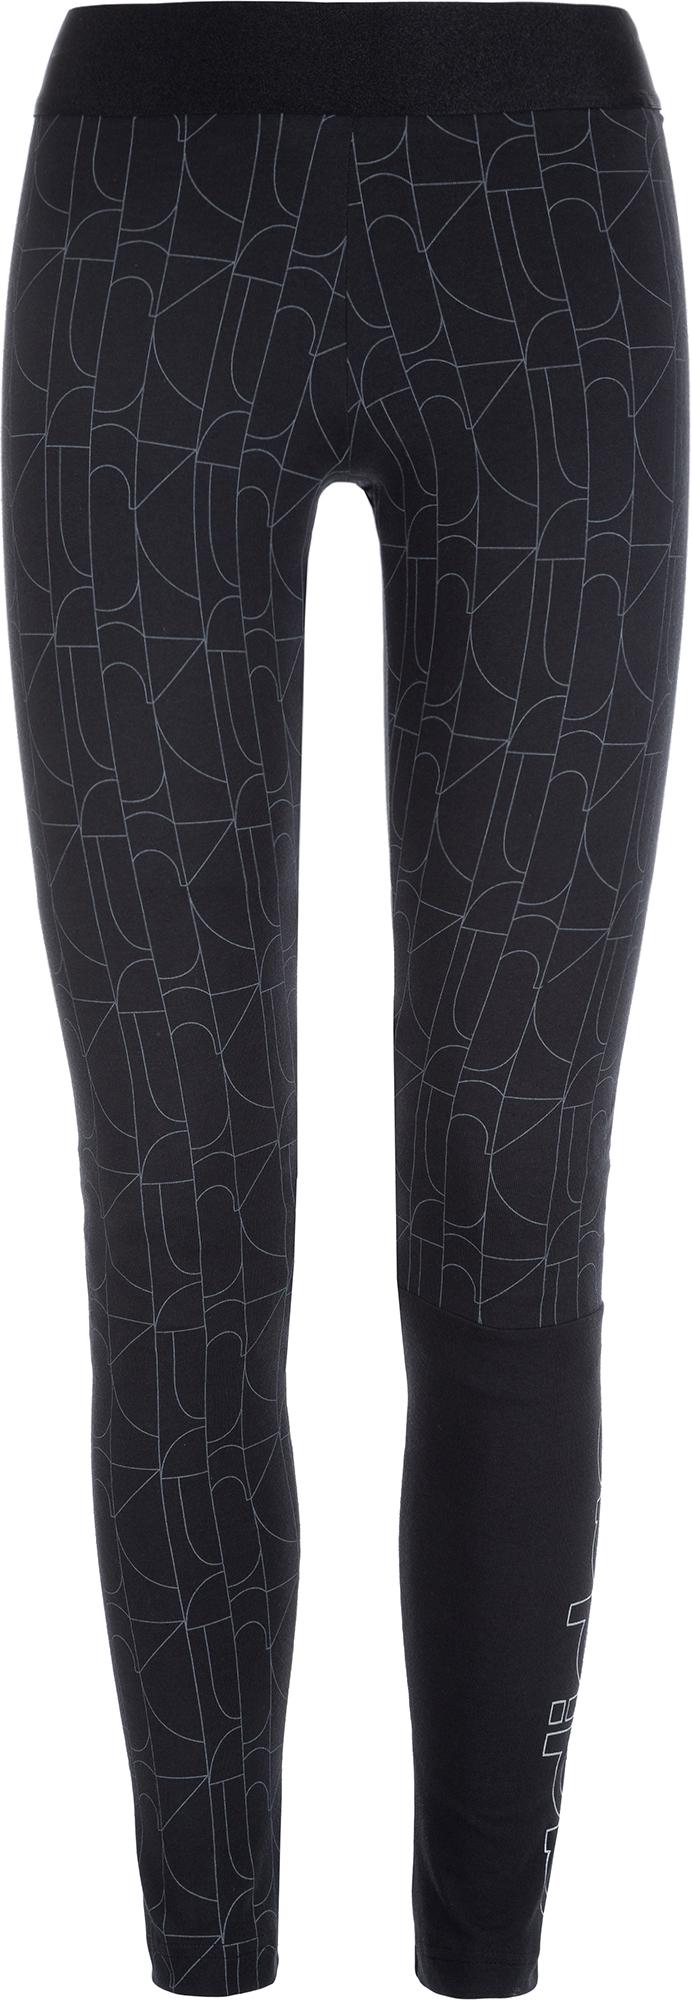 Adidas Легинсы женские Motion, размер 50-52